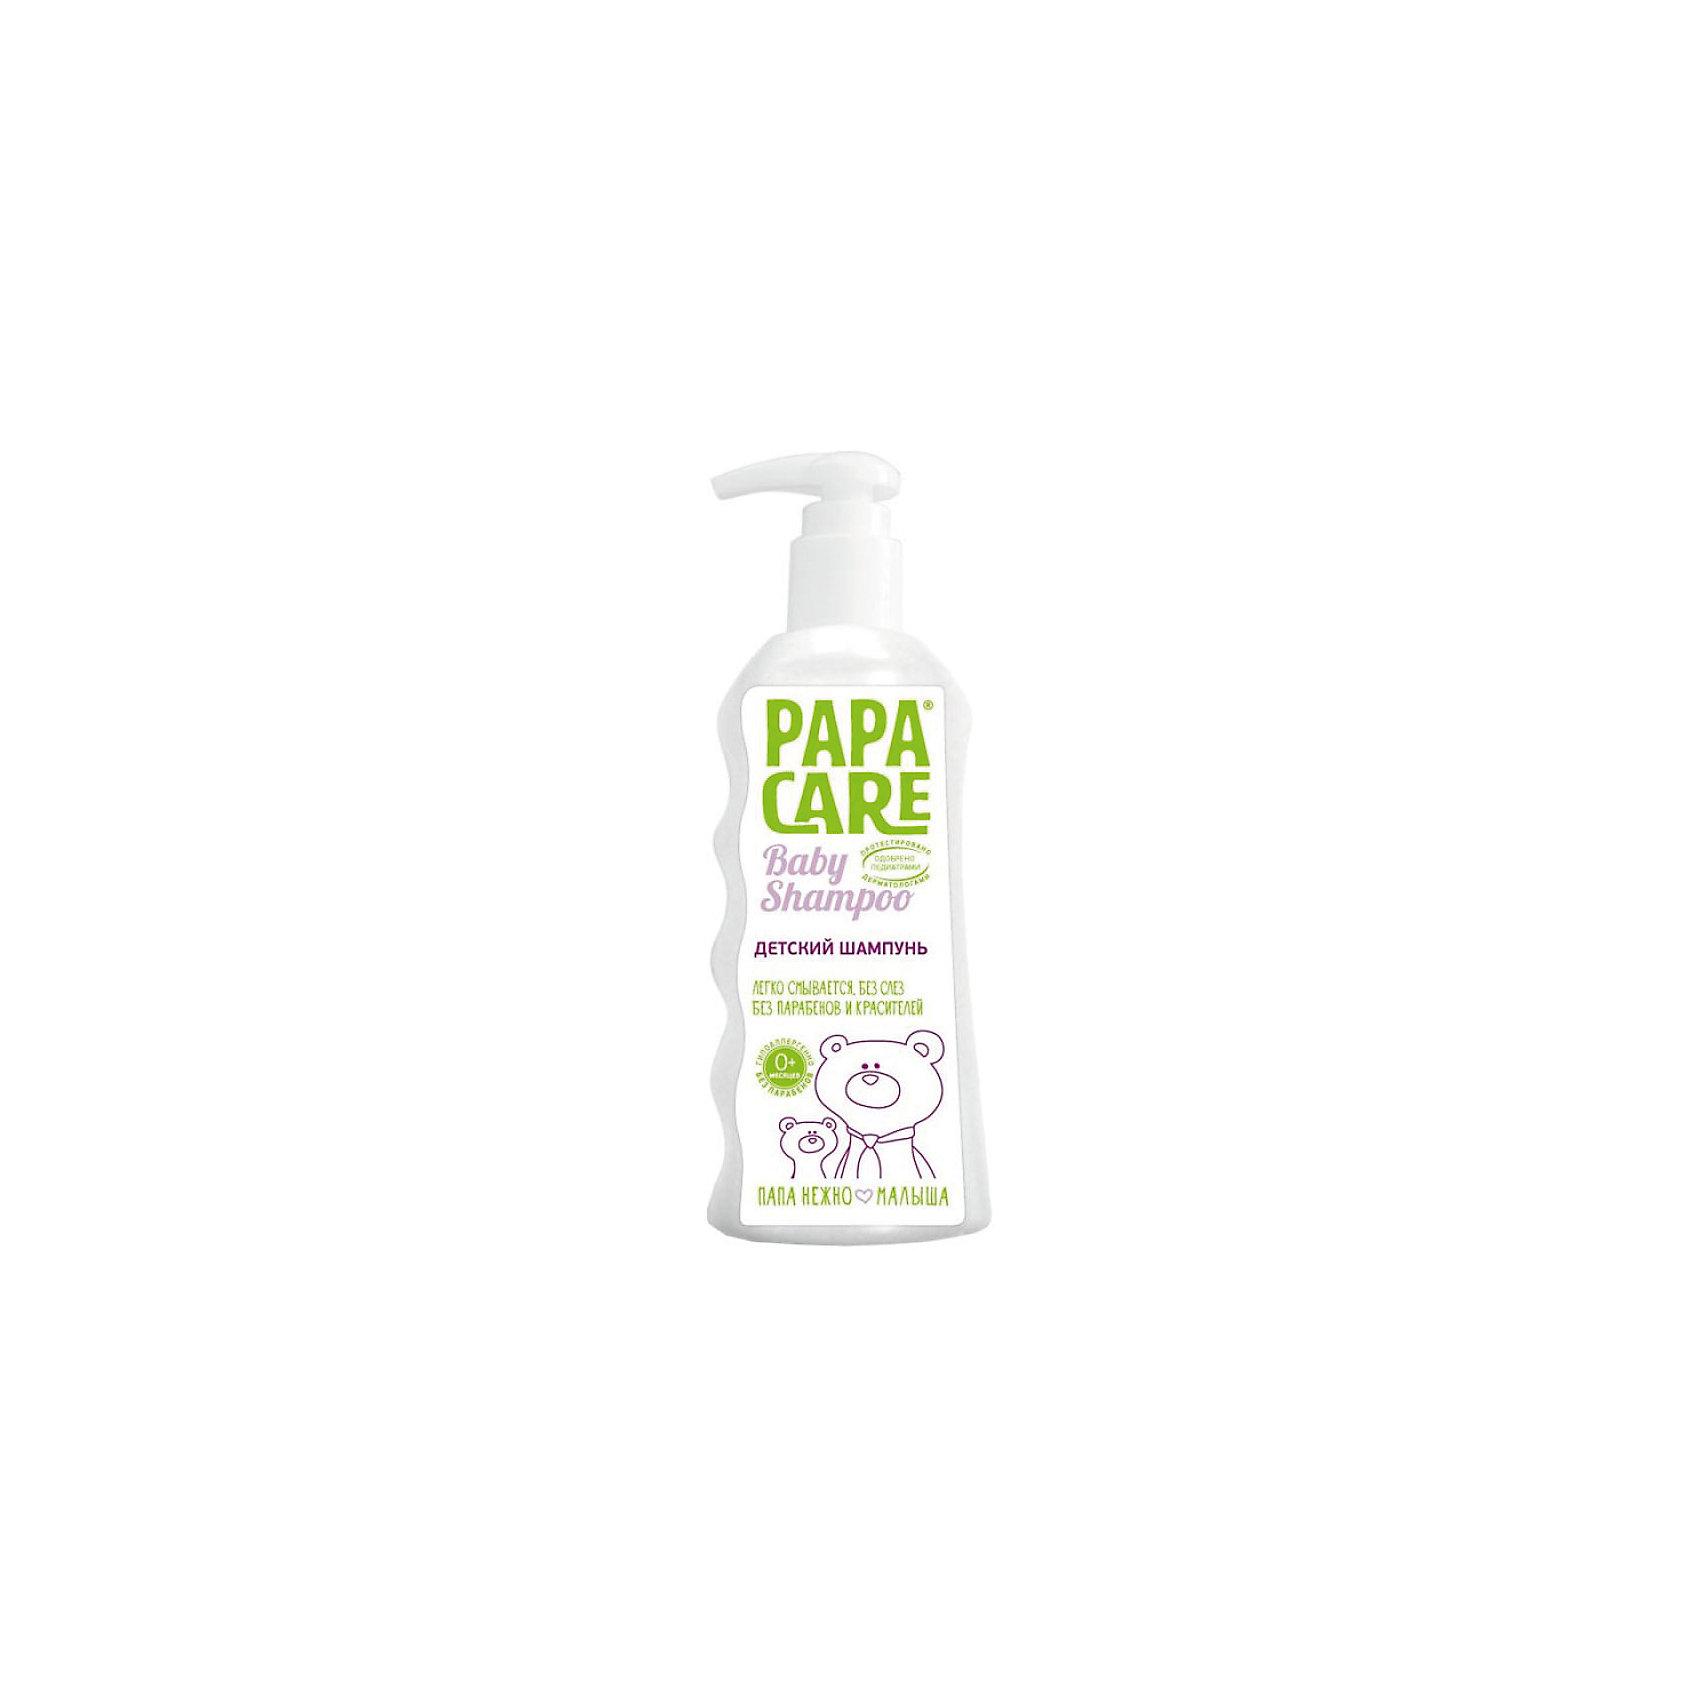 Papa Care Детский шампунь для волос 250 мл. с помпой, PAPA CARE молочко papa care детское увлажняющее с помпой 150 мл